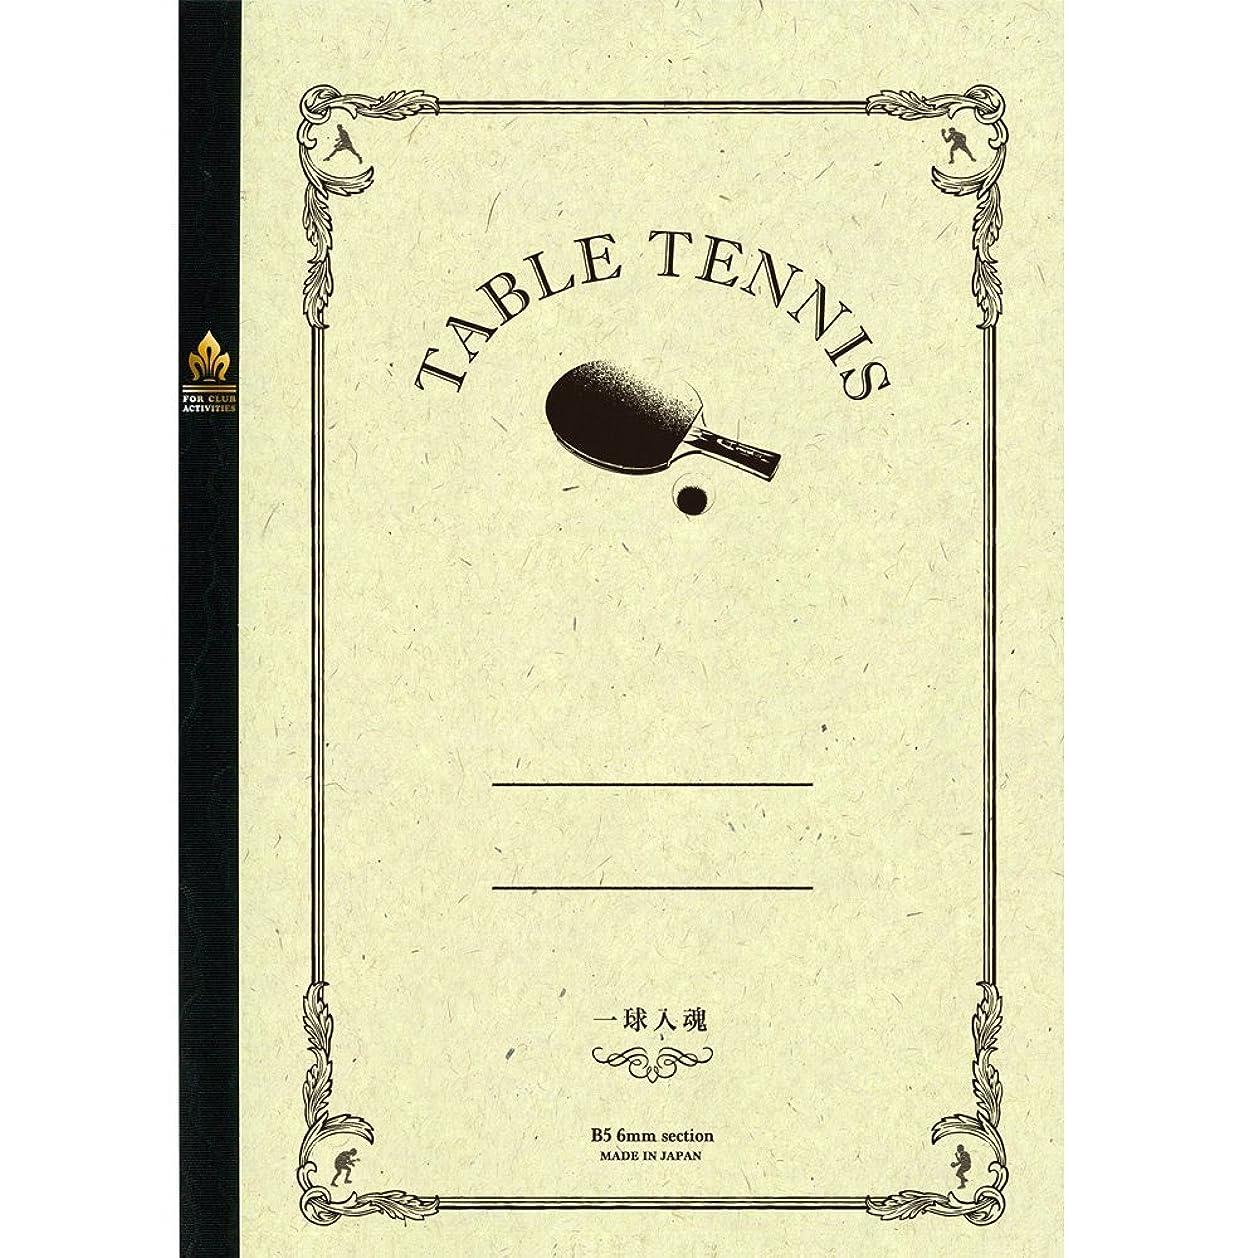 共和党メーカー幹みんなの部活ノート 卓球 5冊セット